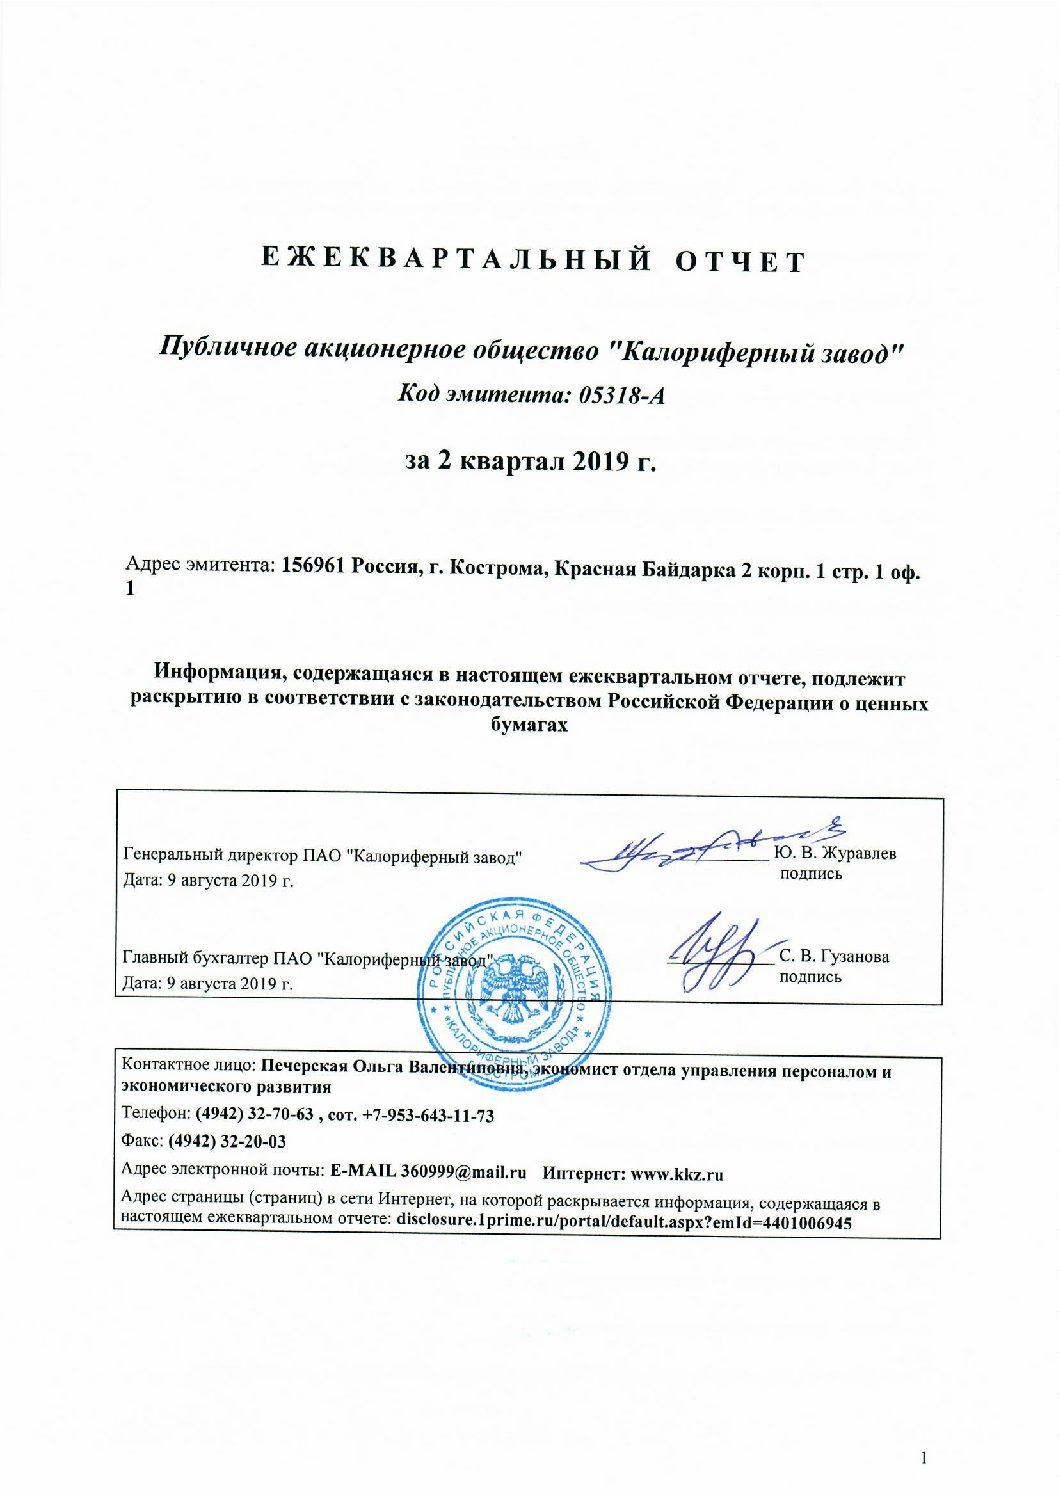 Ежеквартальный отчет эмитента ценных бумаг за 2 квартал 2019 года.